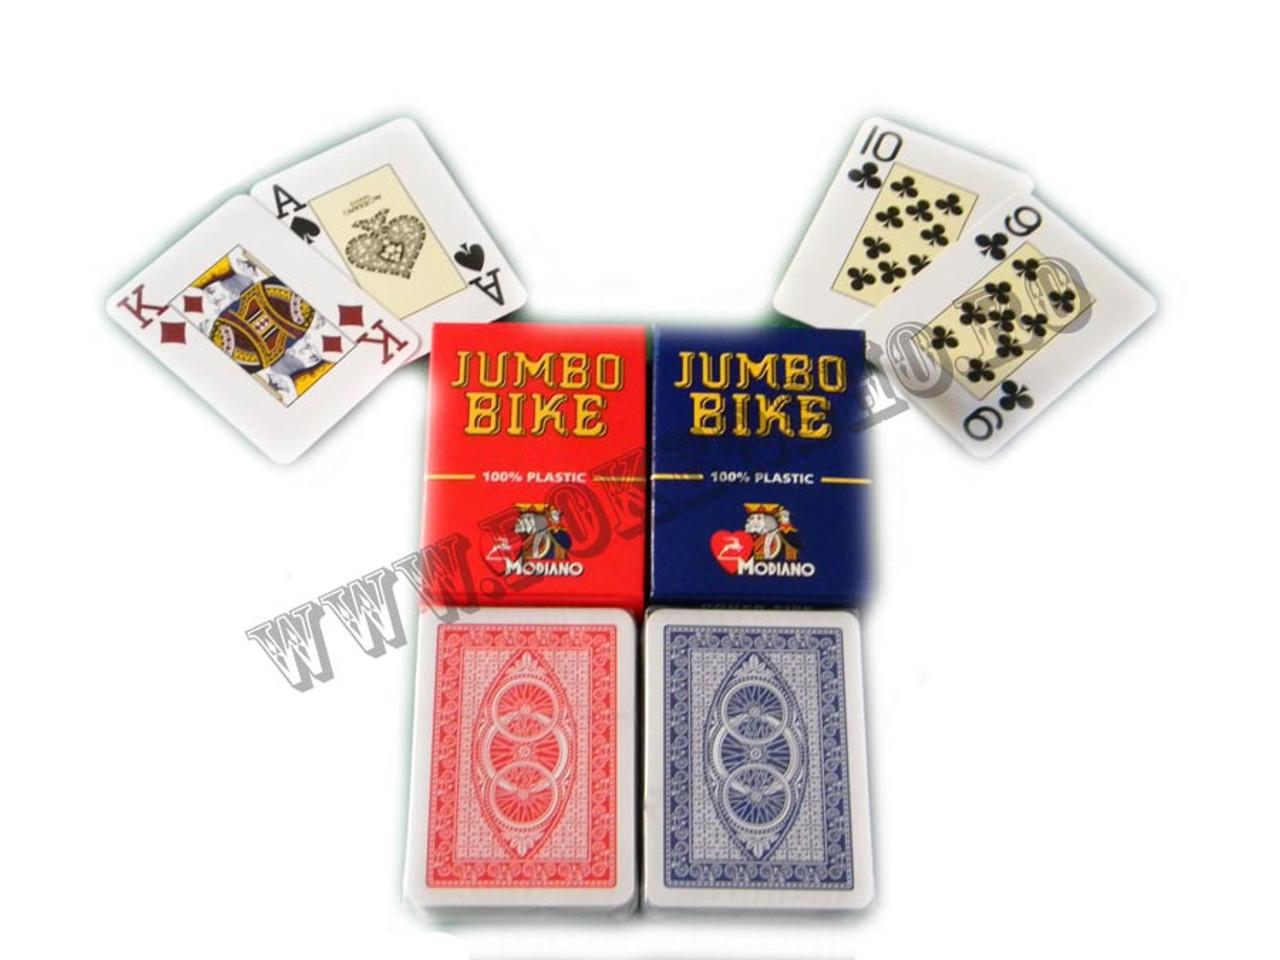 Jumbo Bike plastic albastru - carti de joc Modiano pentru poker texas holdem, 100% plastic cu index mare si spate albastru